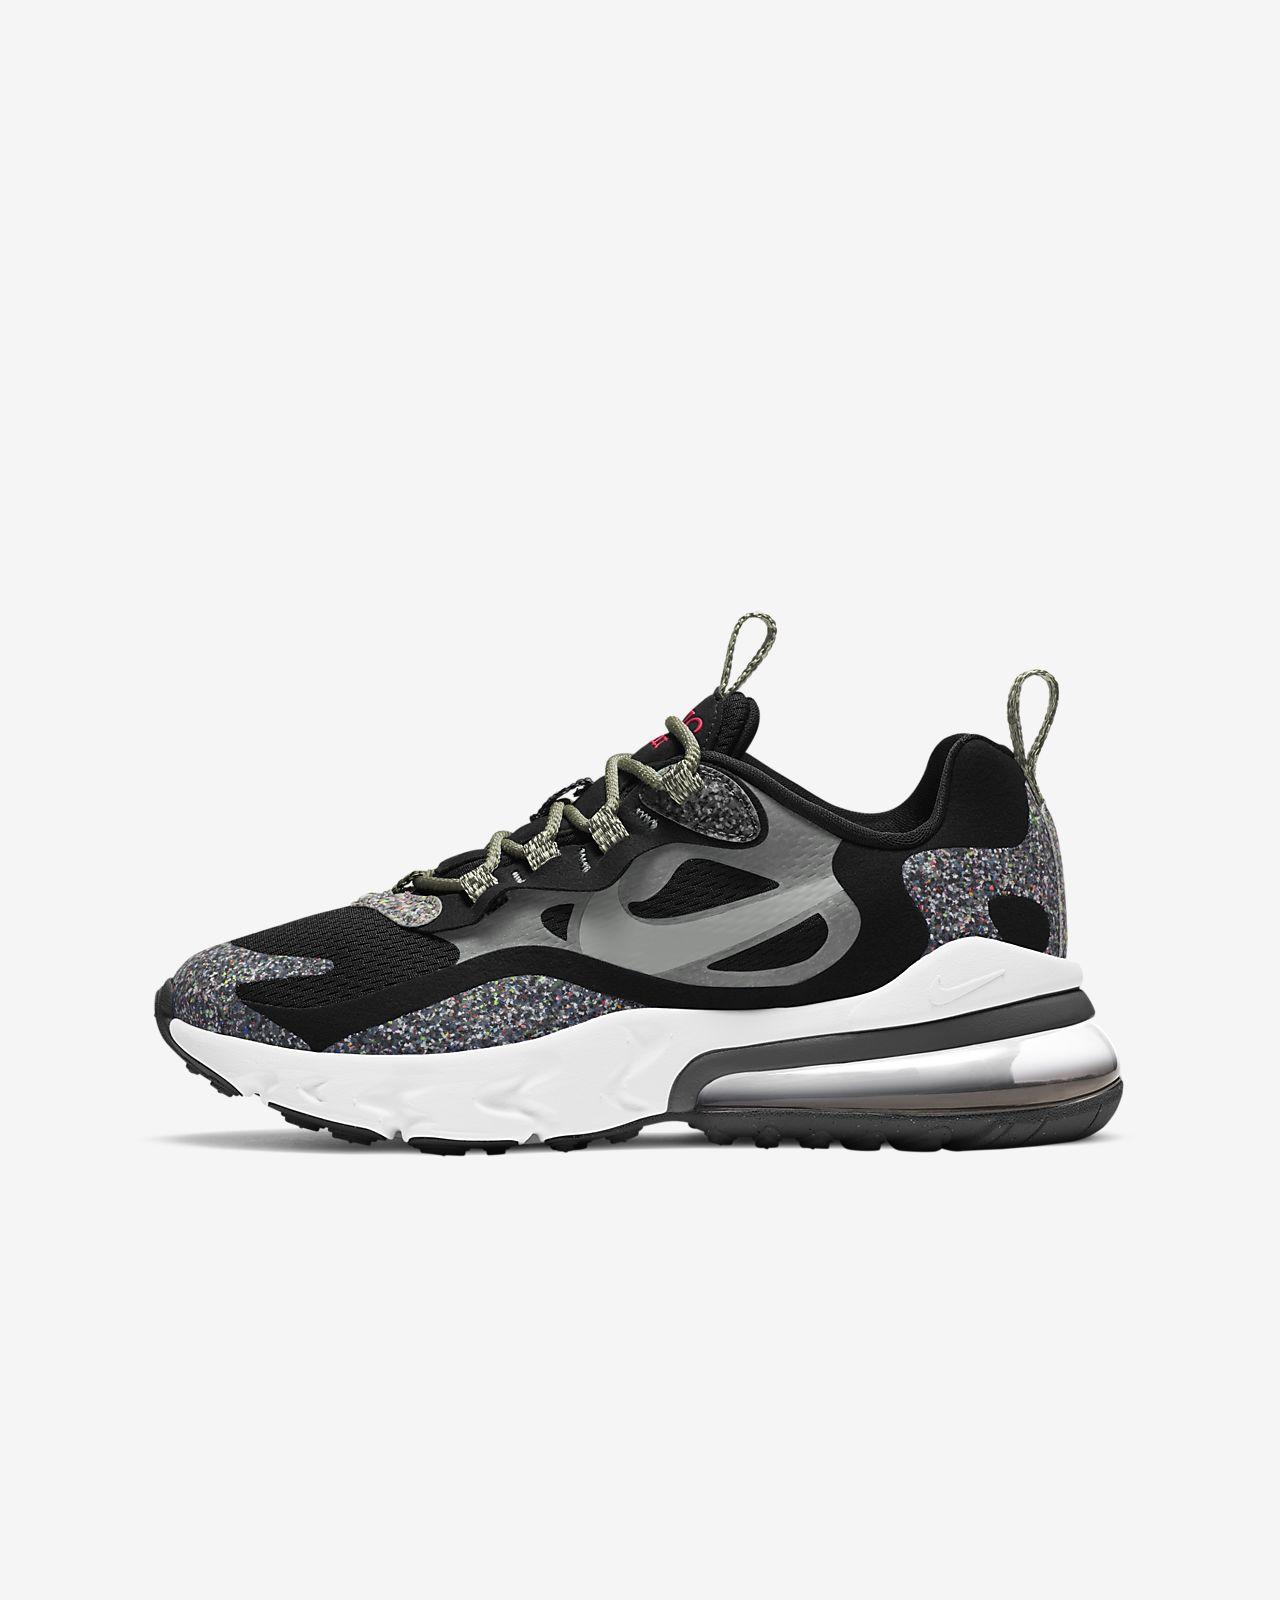 Παπούτσι Nike Air Max 270 React SE για μεγάλα παιδιά